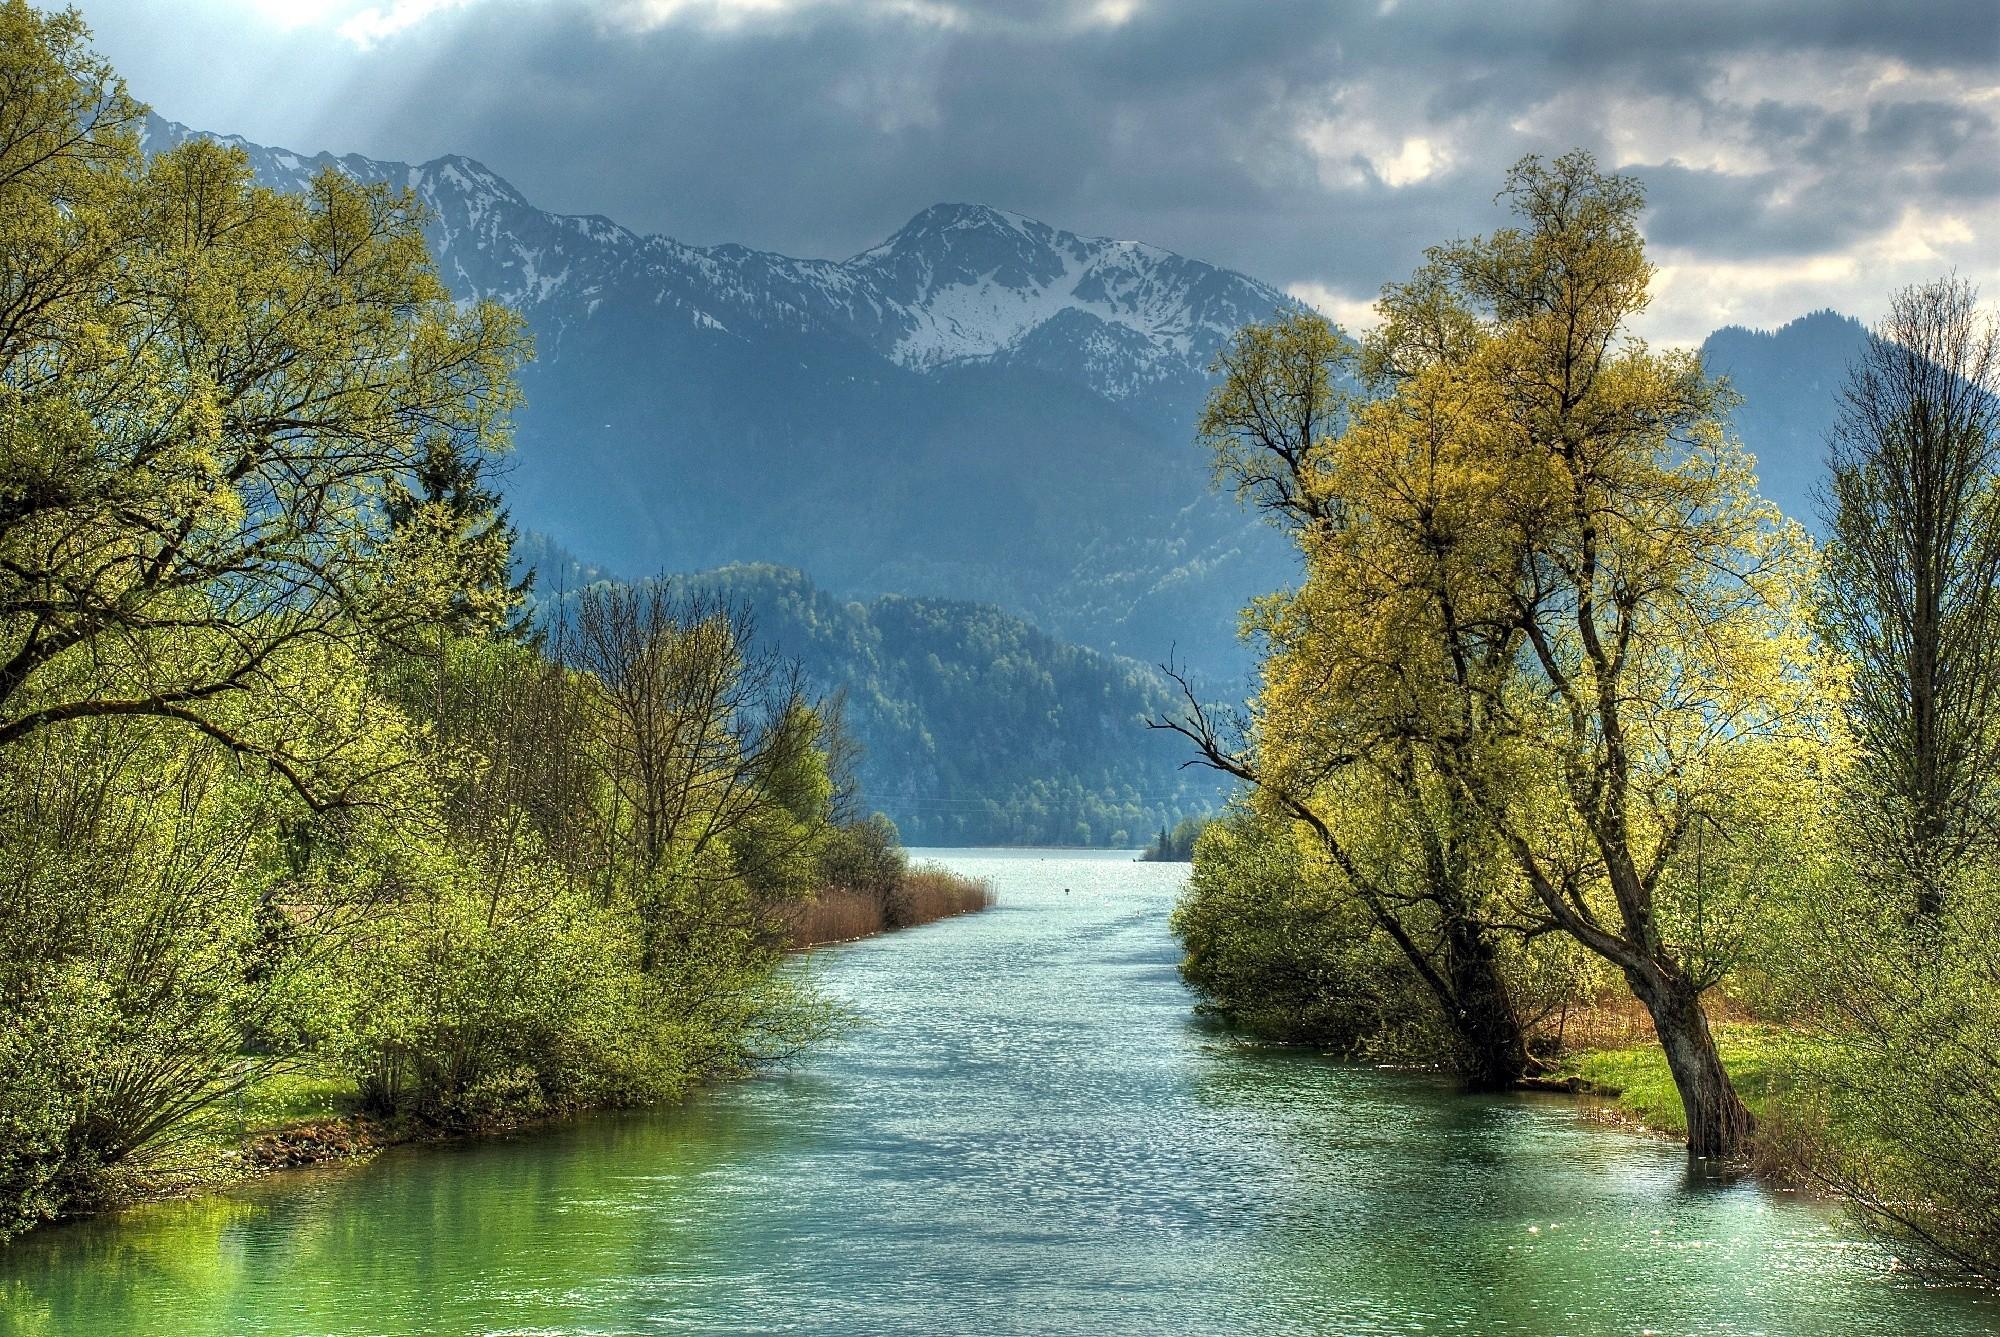 Rivers: Mountains Autumn Trees River Landscape Best Nature Wallpaper ...